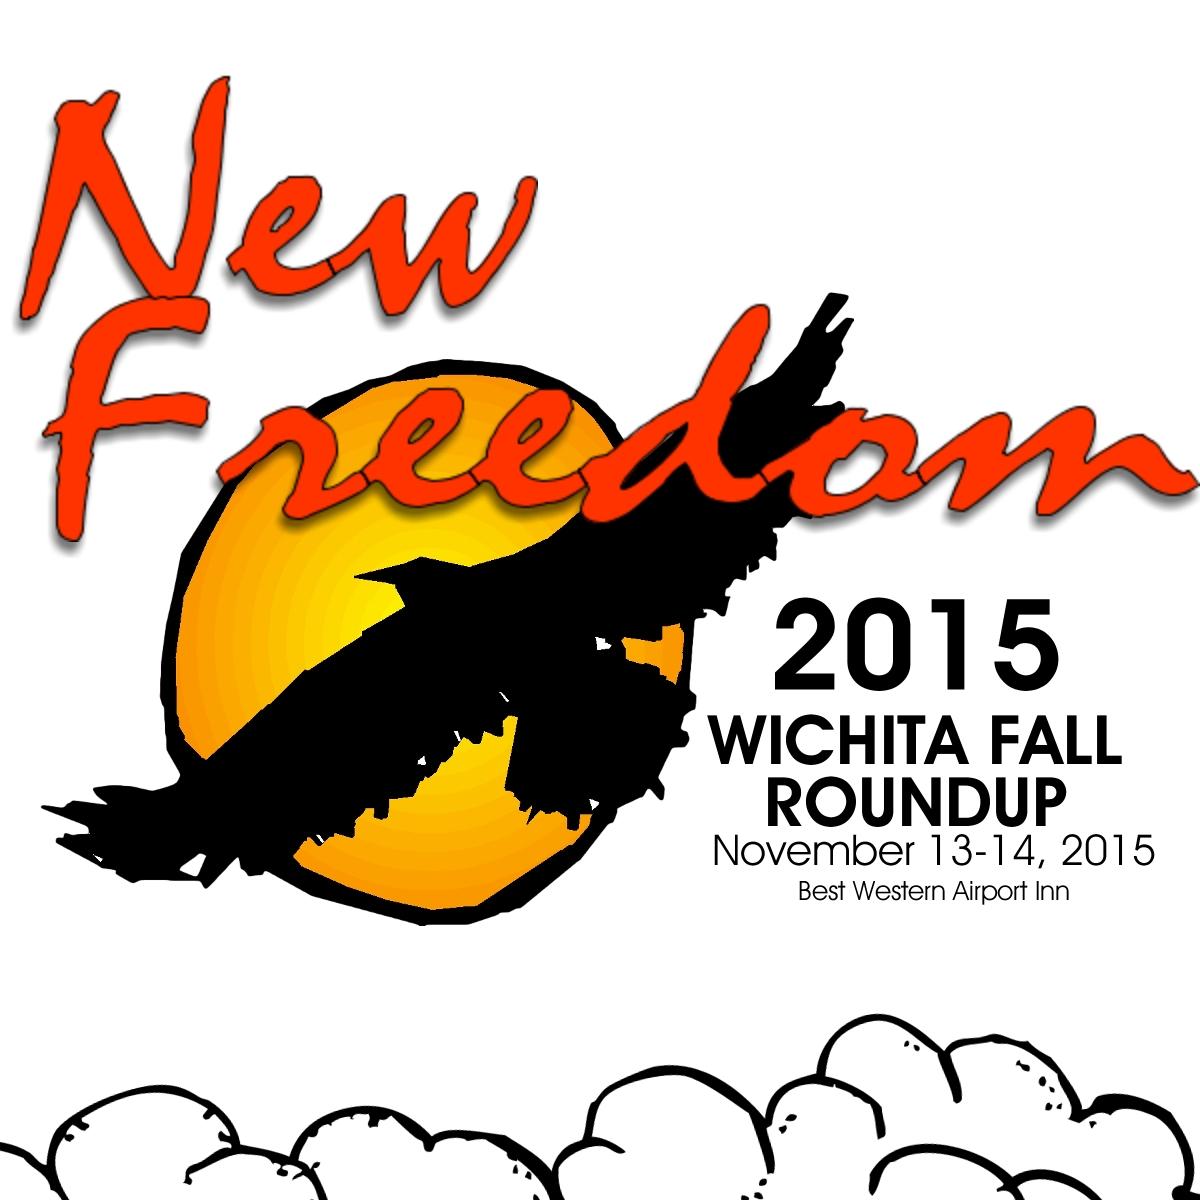 Theme of the 2015 Wichita Fall Roundup